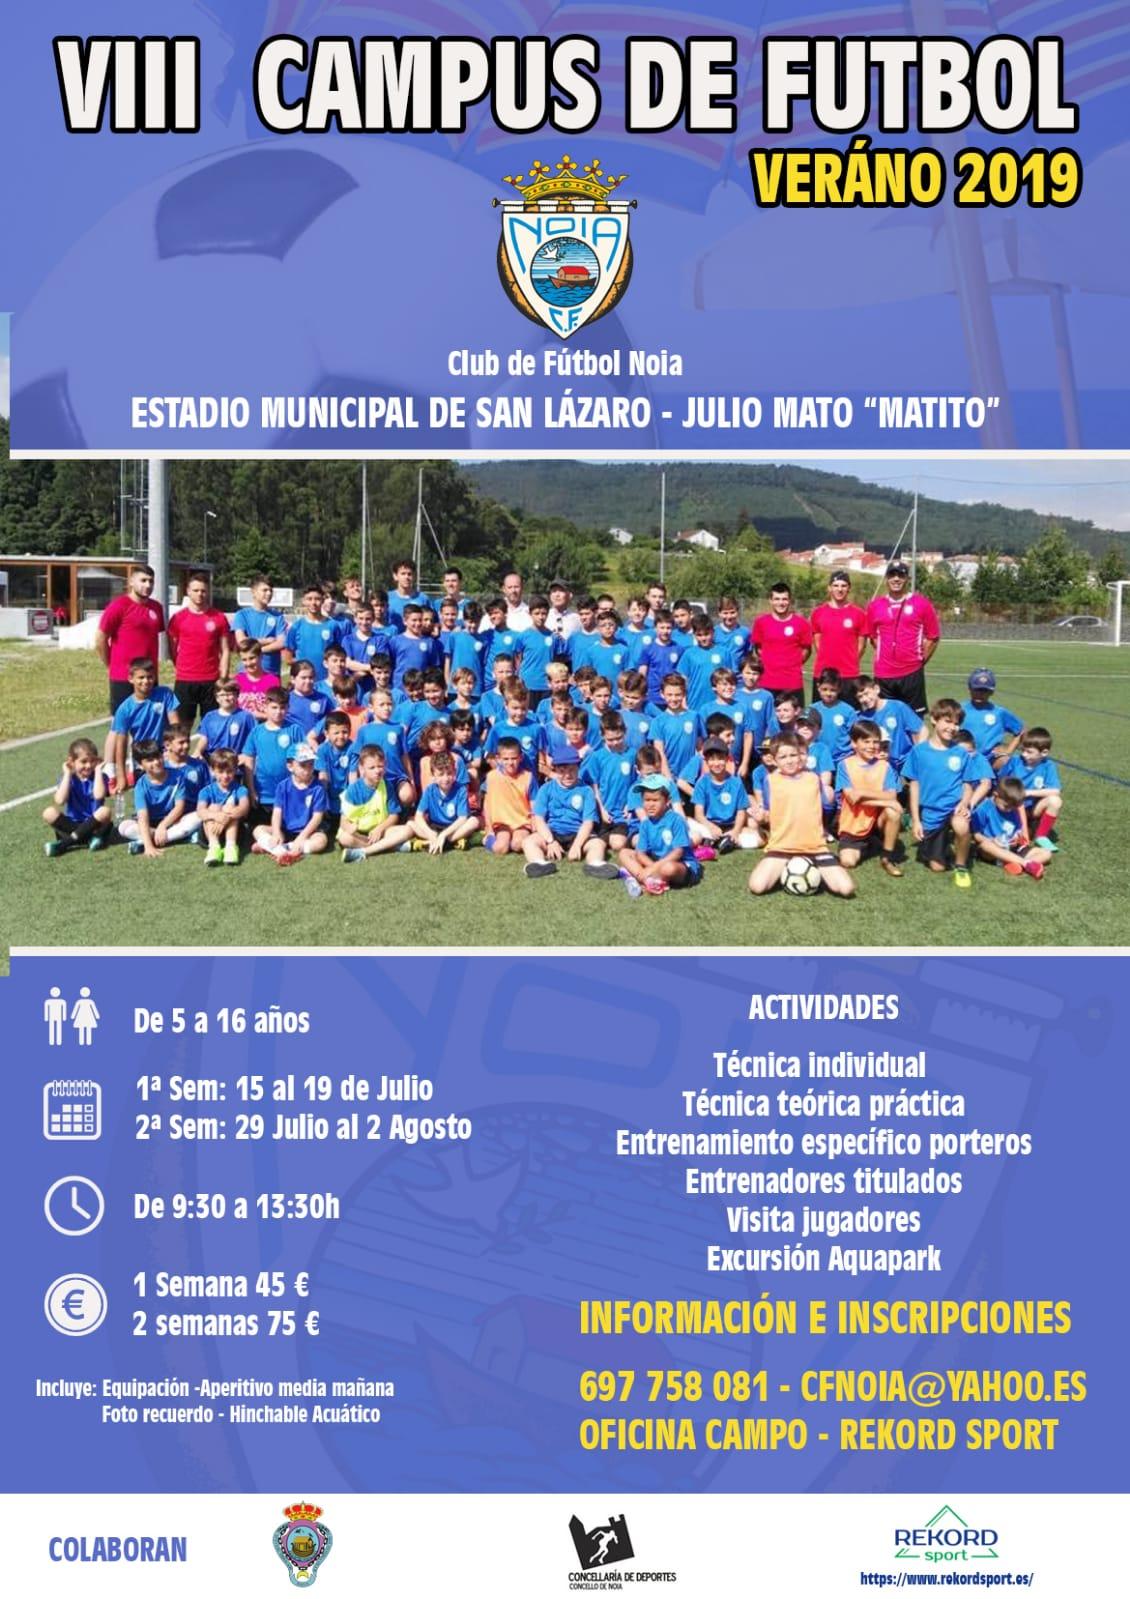 VIII CAMPUS DE FUTBOL - VERANO 2019